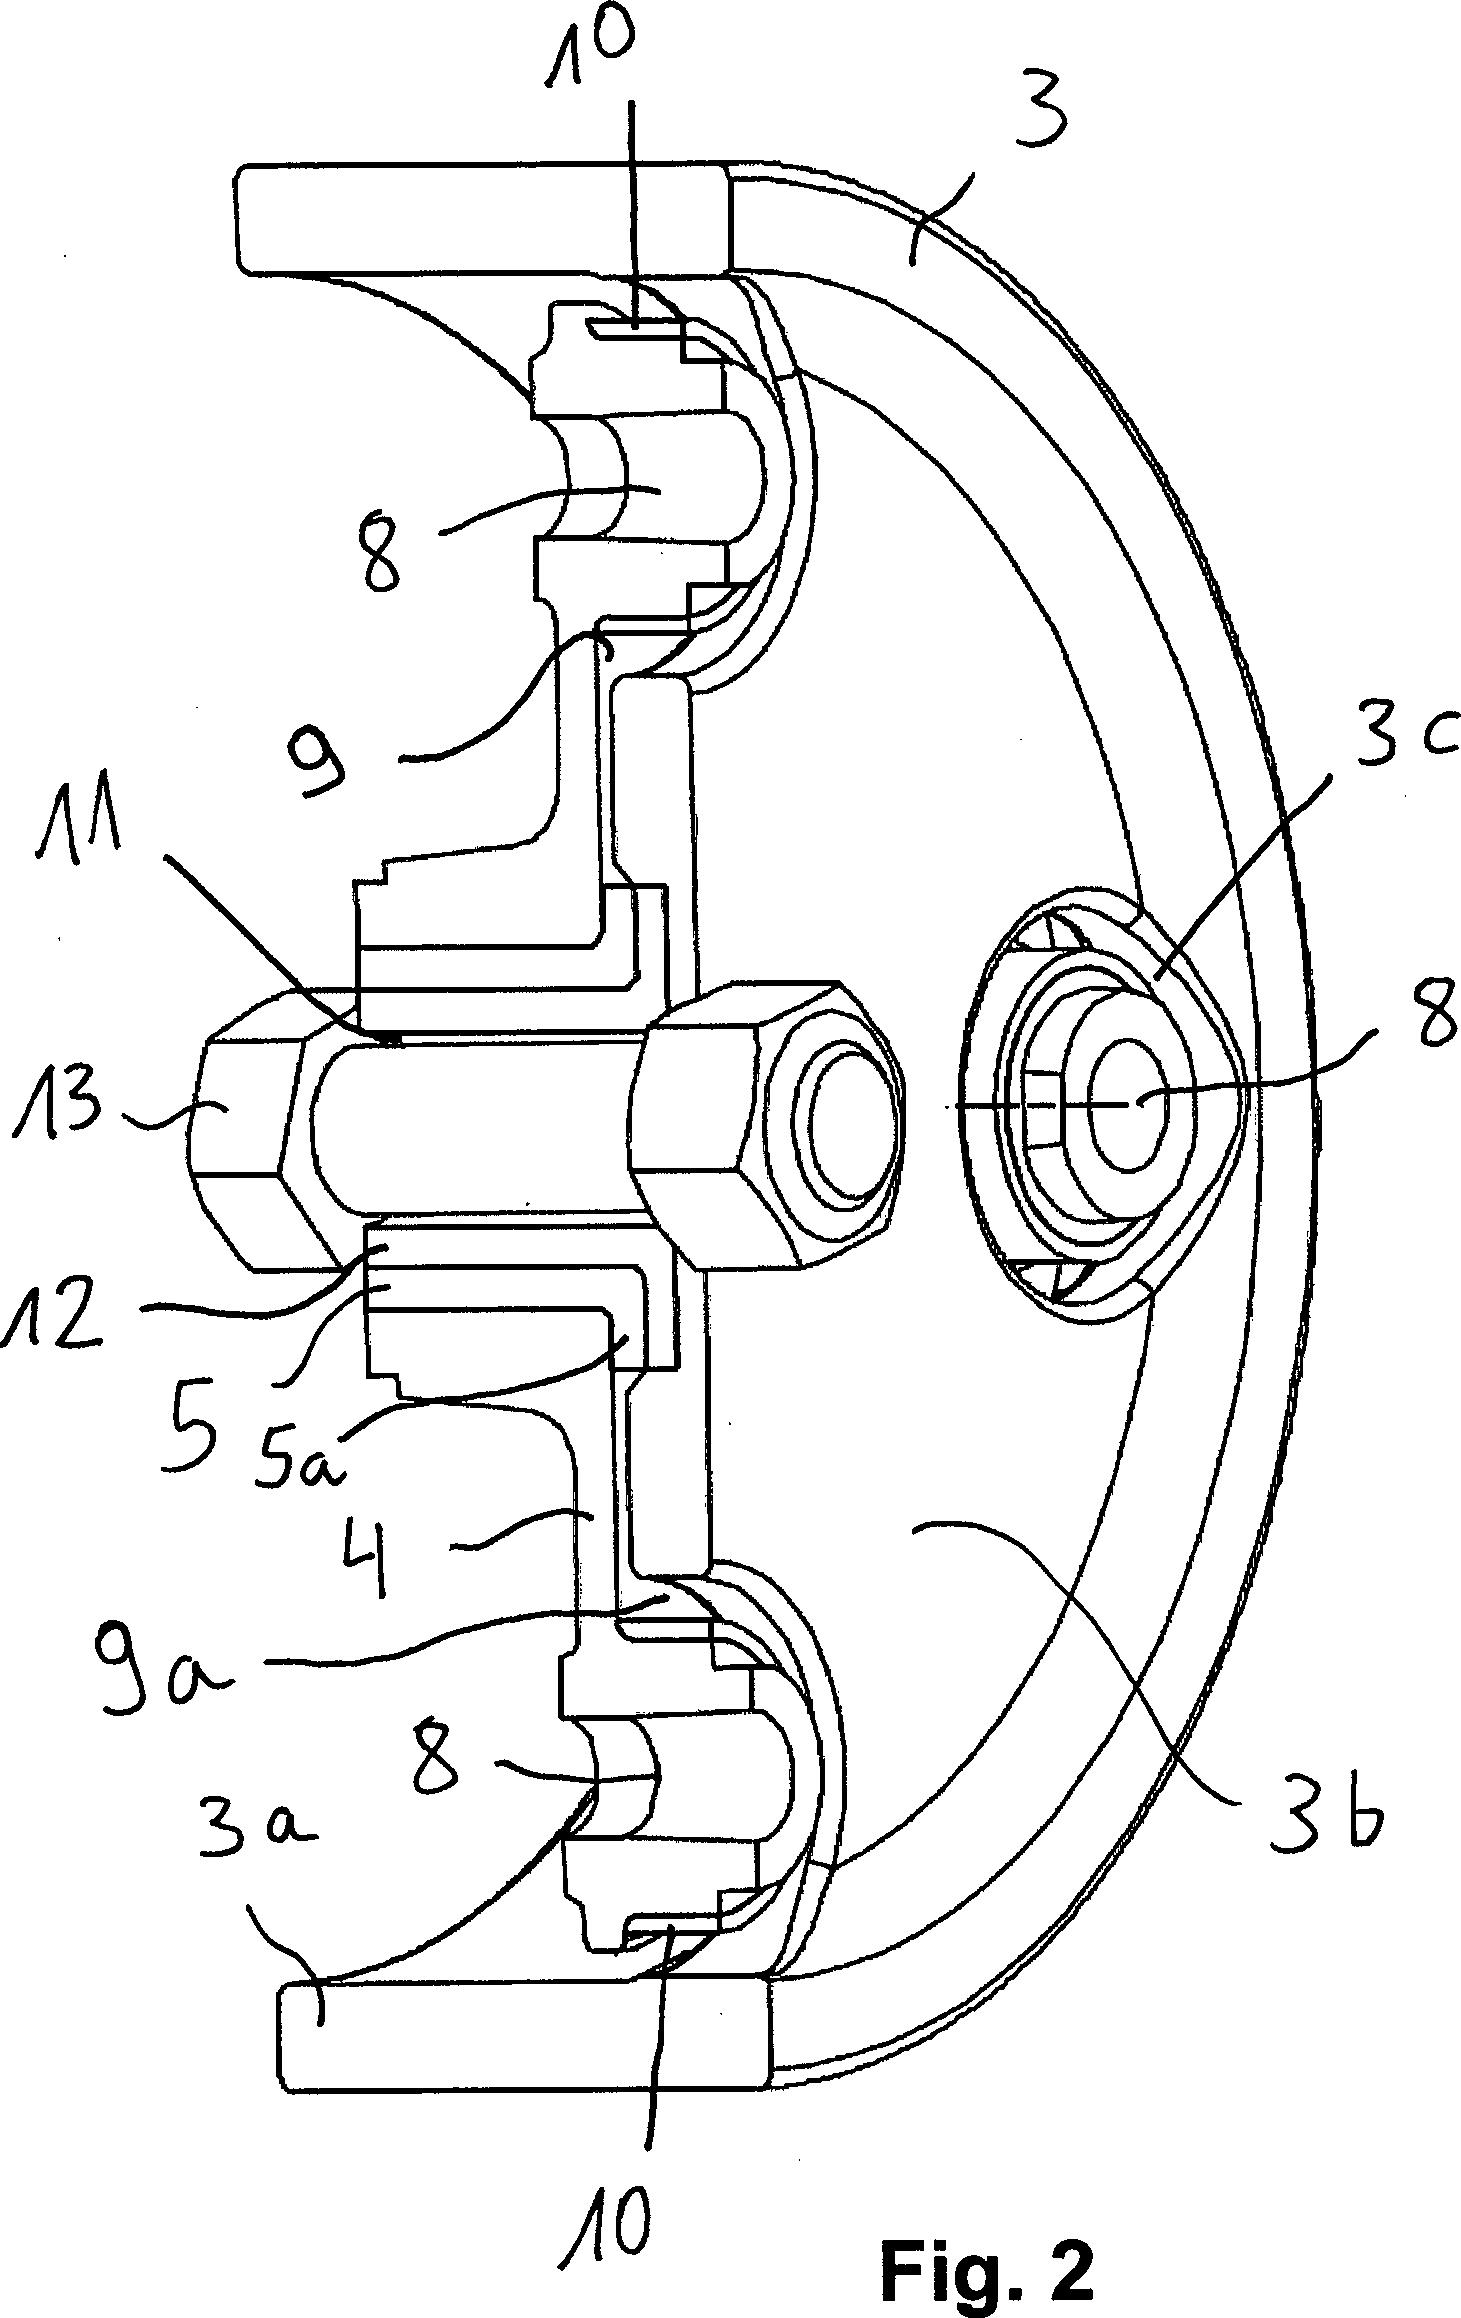 patent de102011010191a1 anordnung mit einem tilger zur. Black Bedroom Furniture Sets. Home Design Ideas